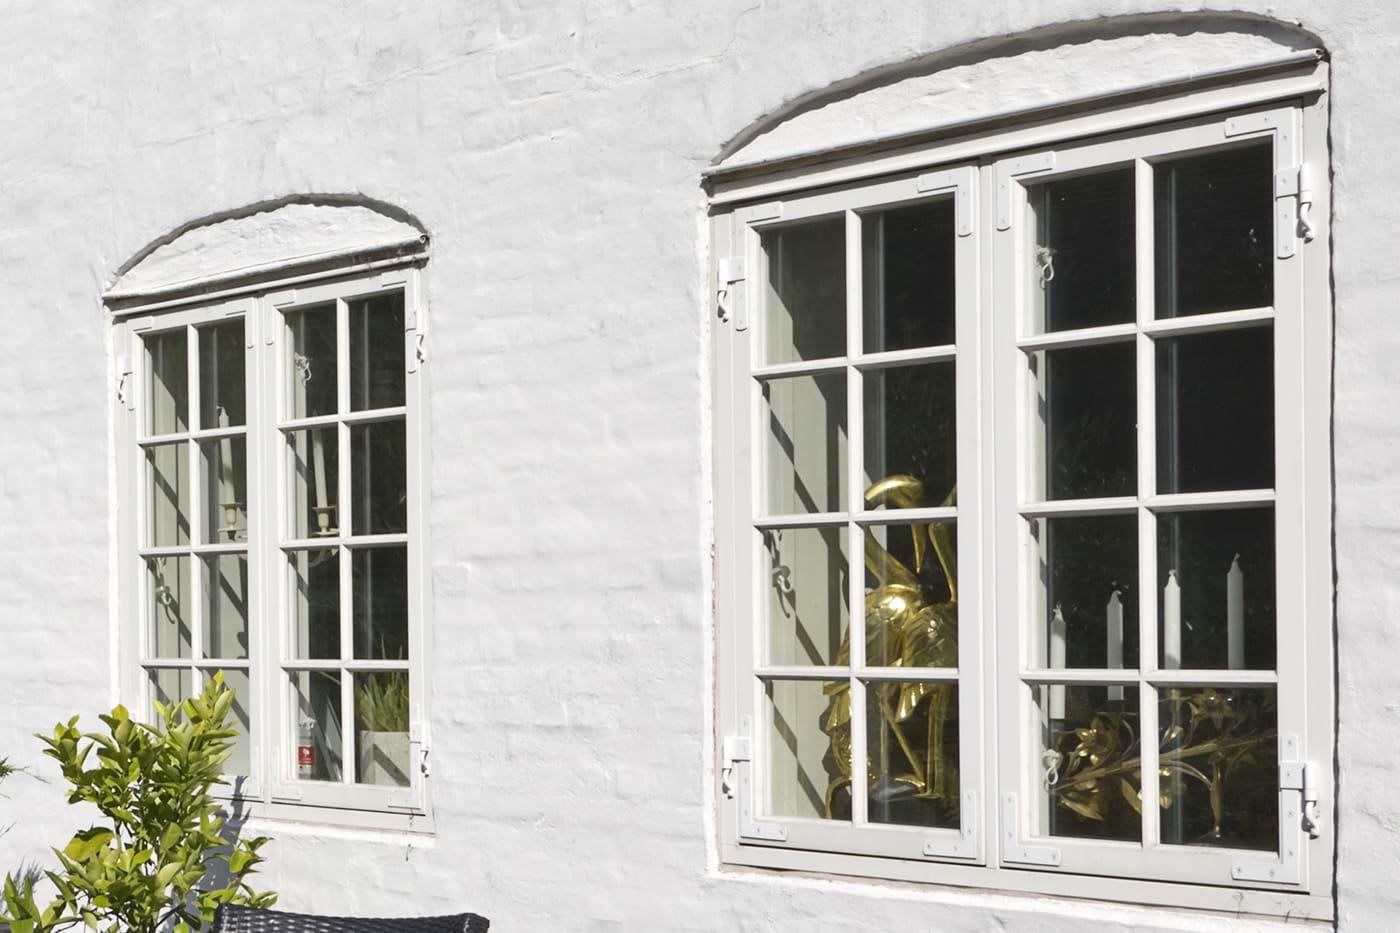 tætning af vinduer